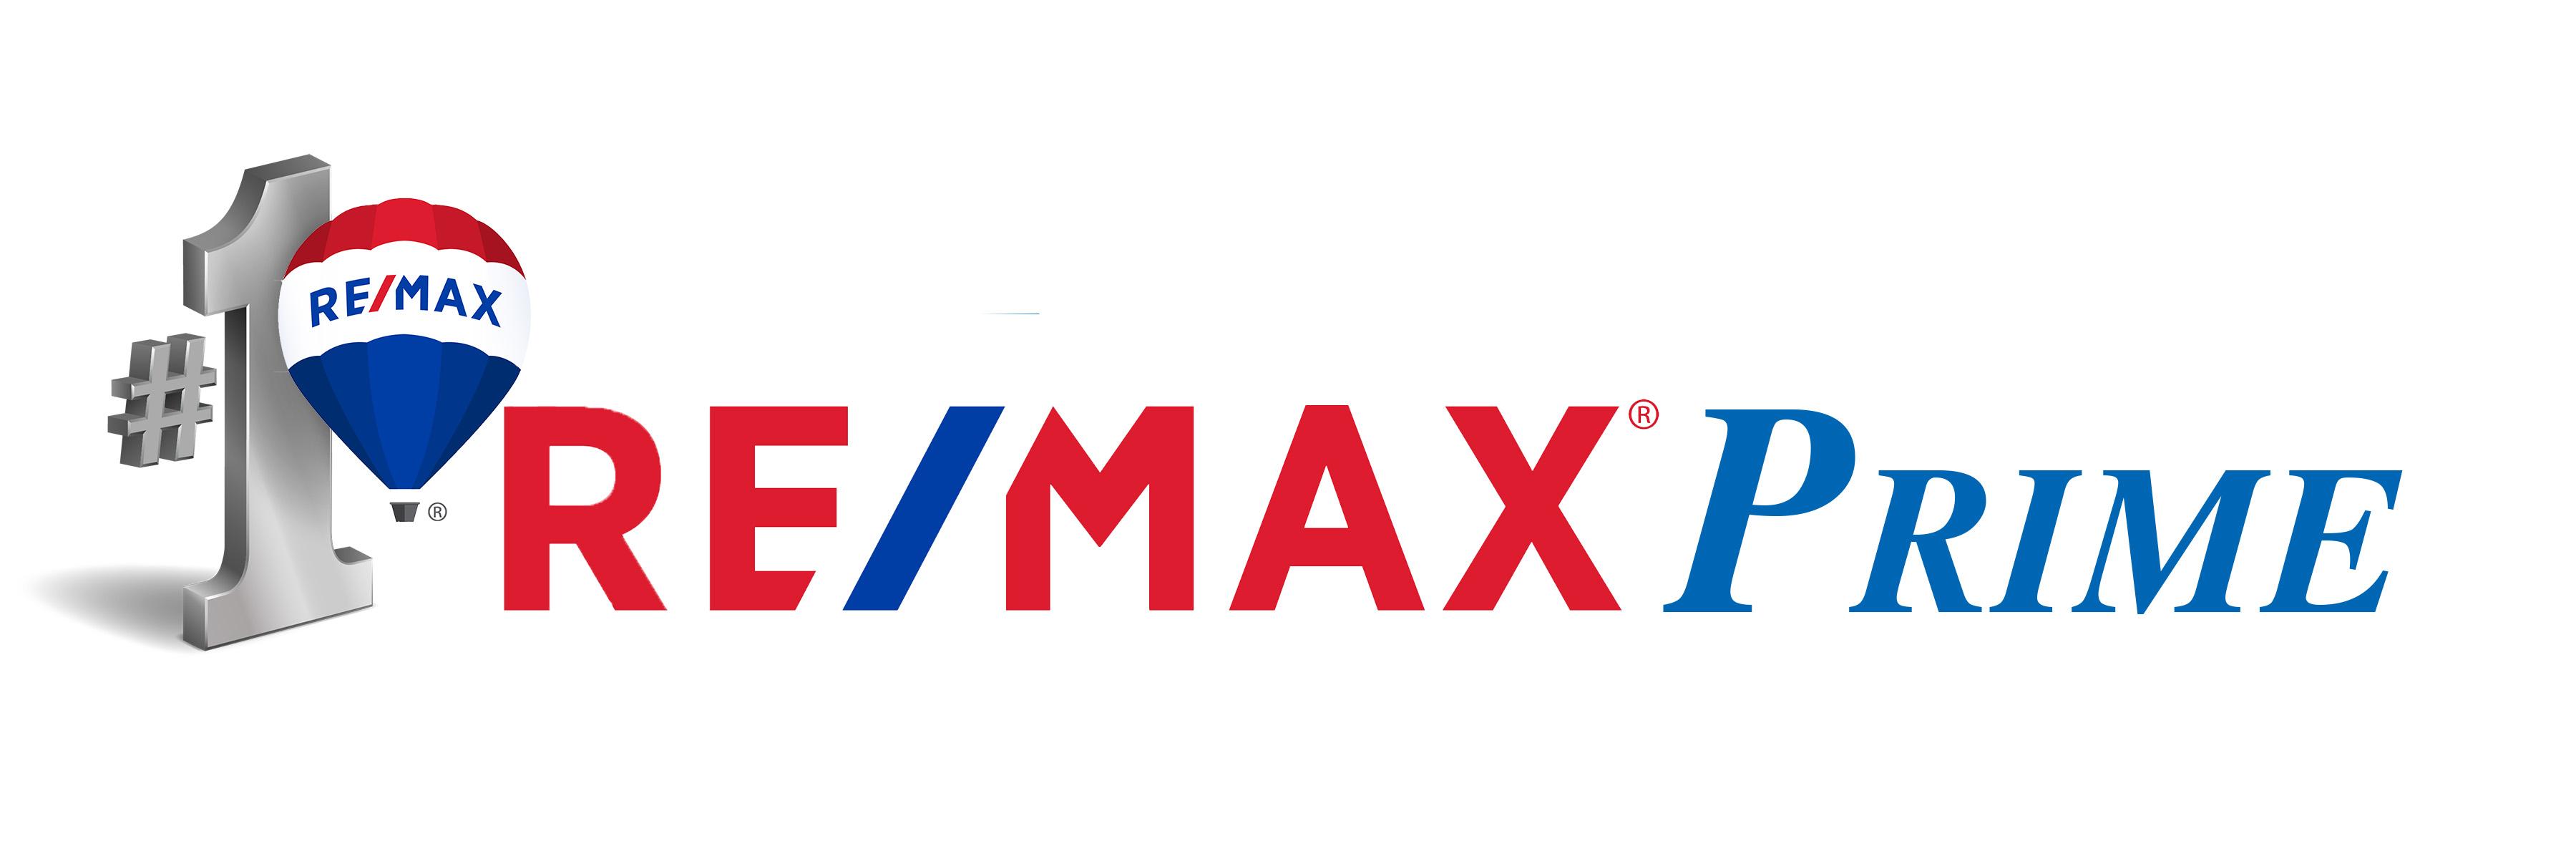 RE/MAX Prime logo